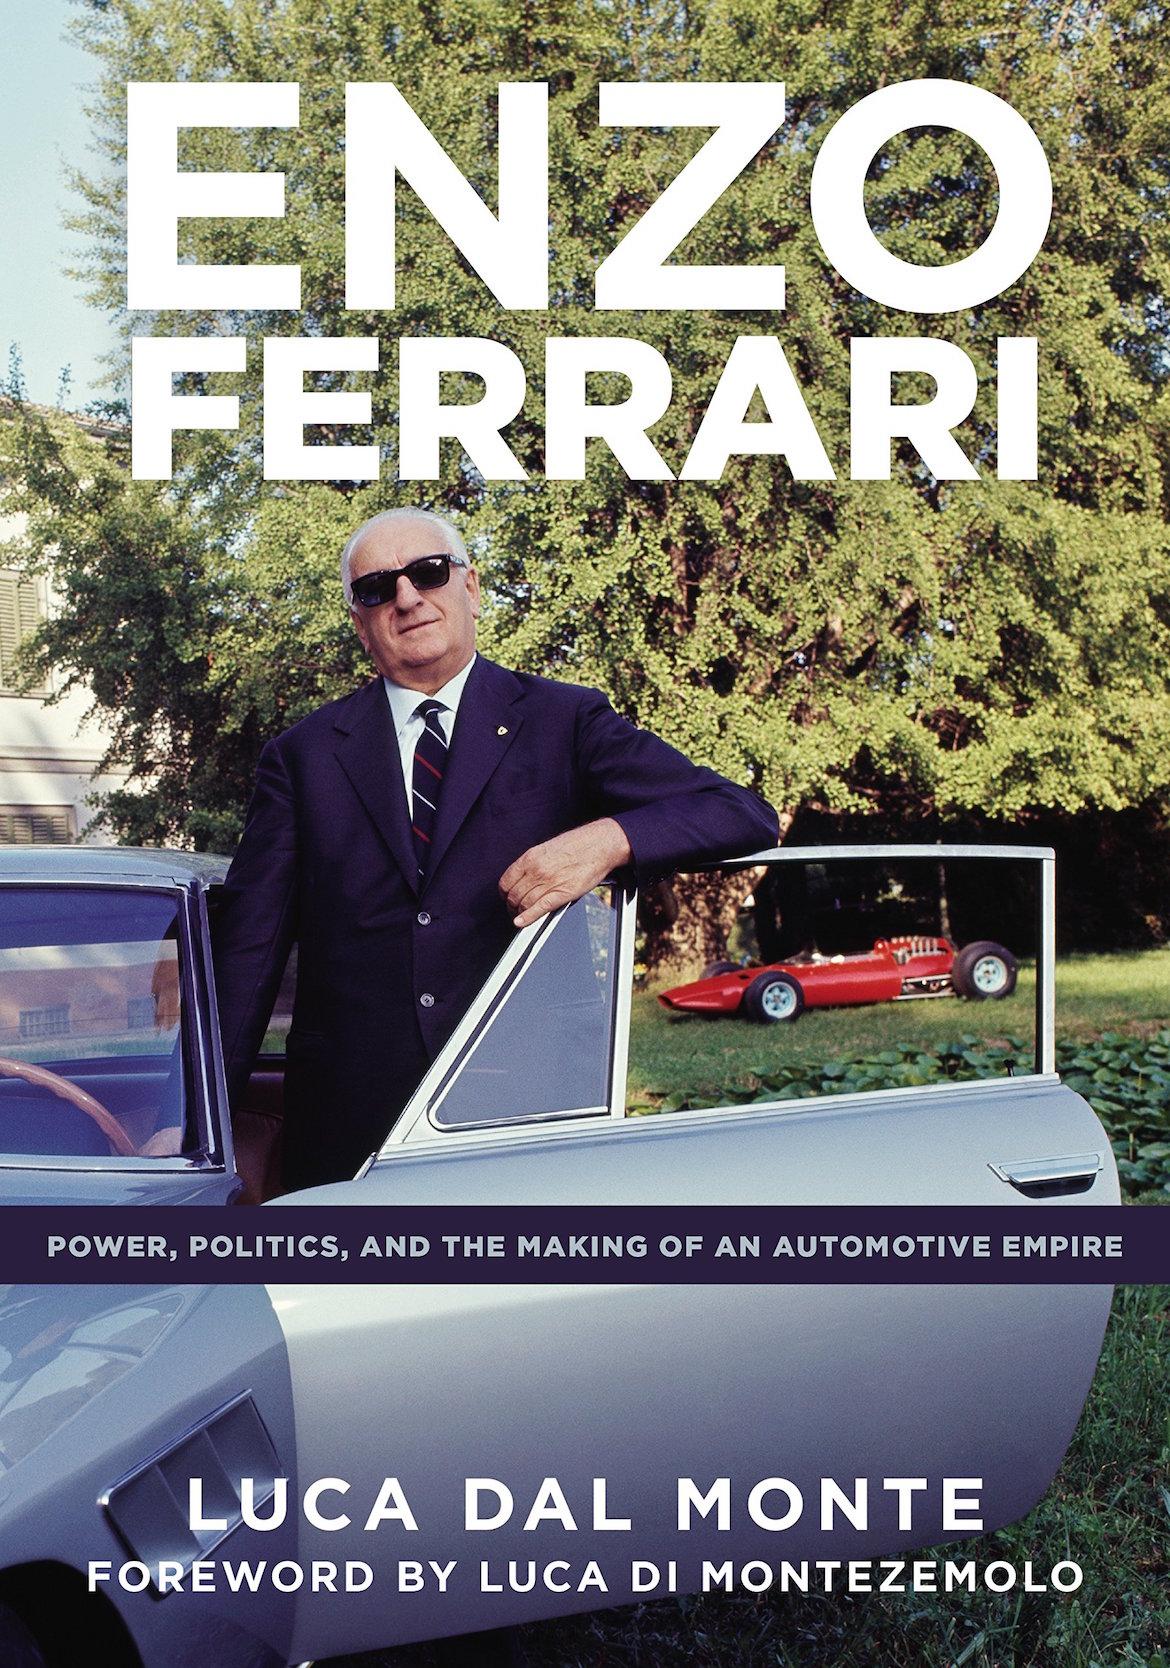 """Titulado """"Enzo Ferrari: Poder, Política y la Construcción de un Imperio Automovilístico"""", el libro explora la vida y obra del hombre detrás de la firma del """"Cavallino Rampante"""""""